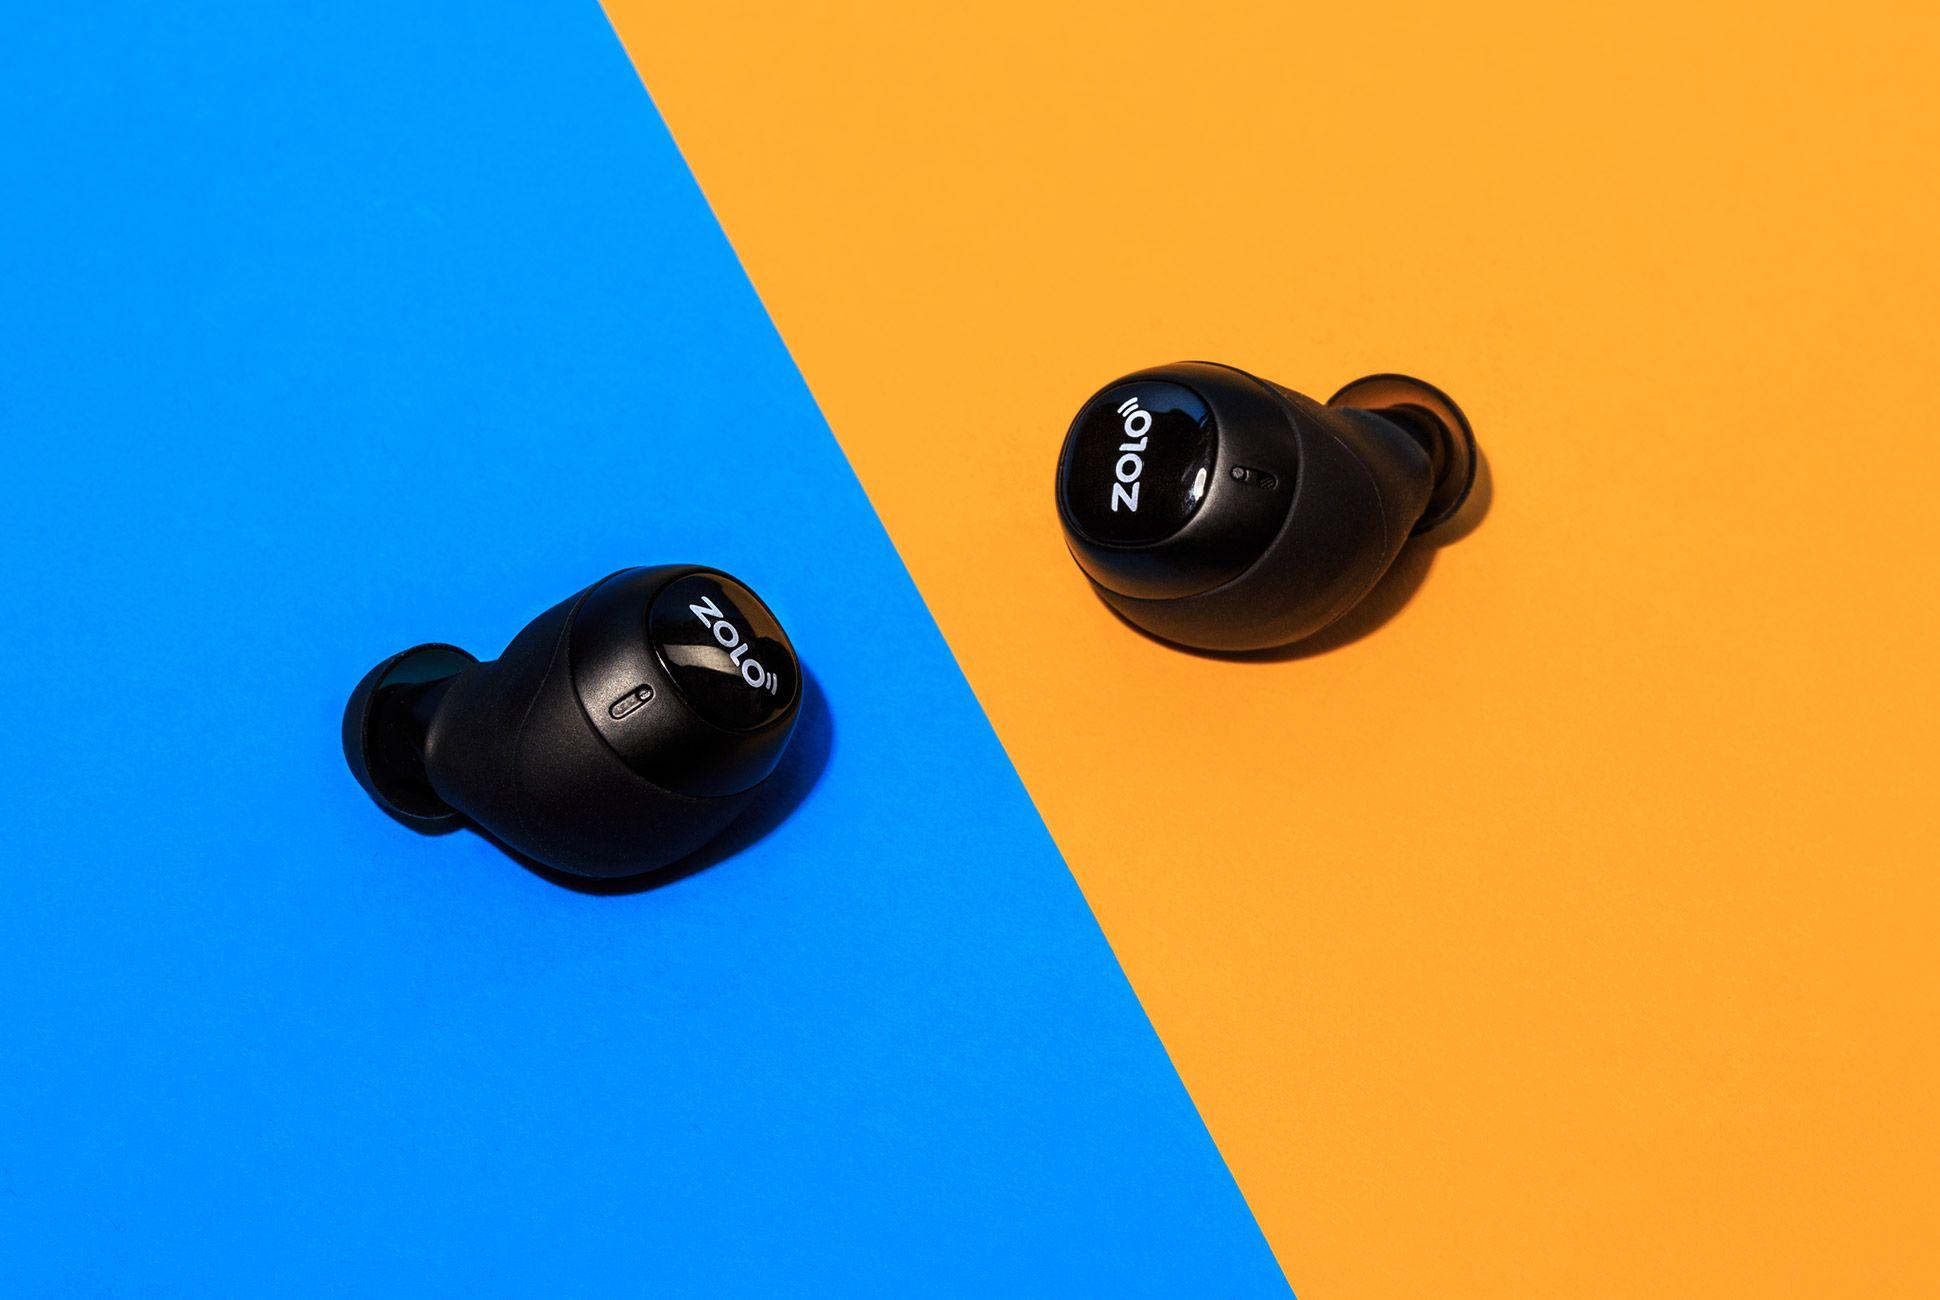 Anker-Liberty-Zolo-Wireless-Headphones-gear-patrol-3